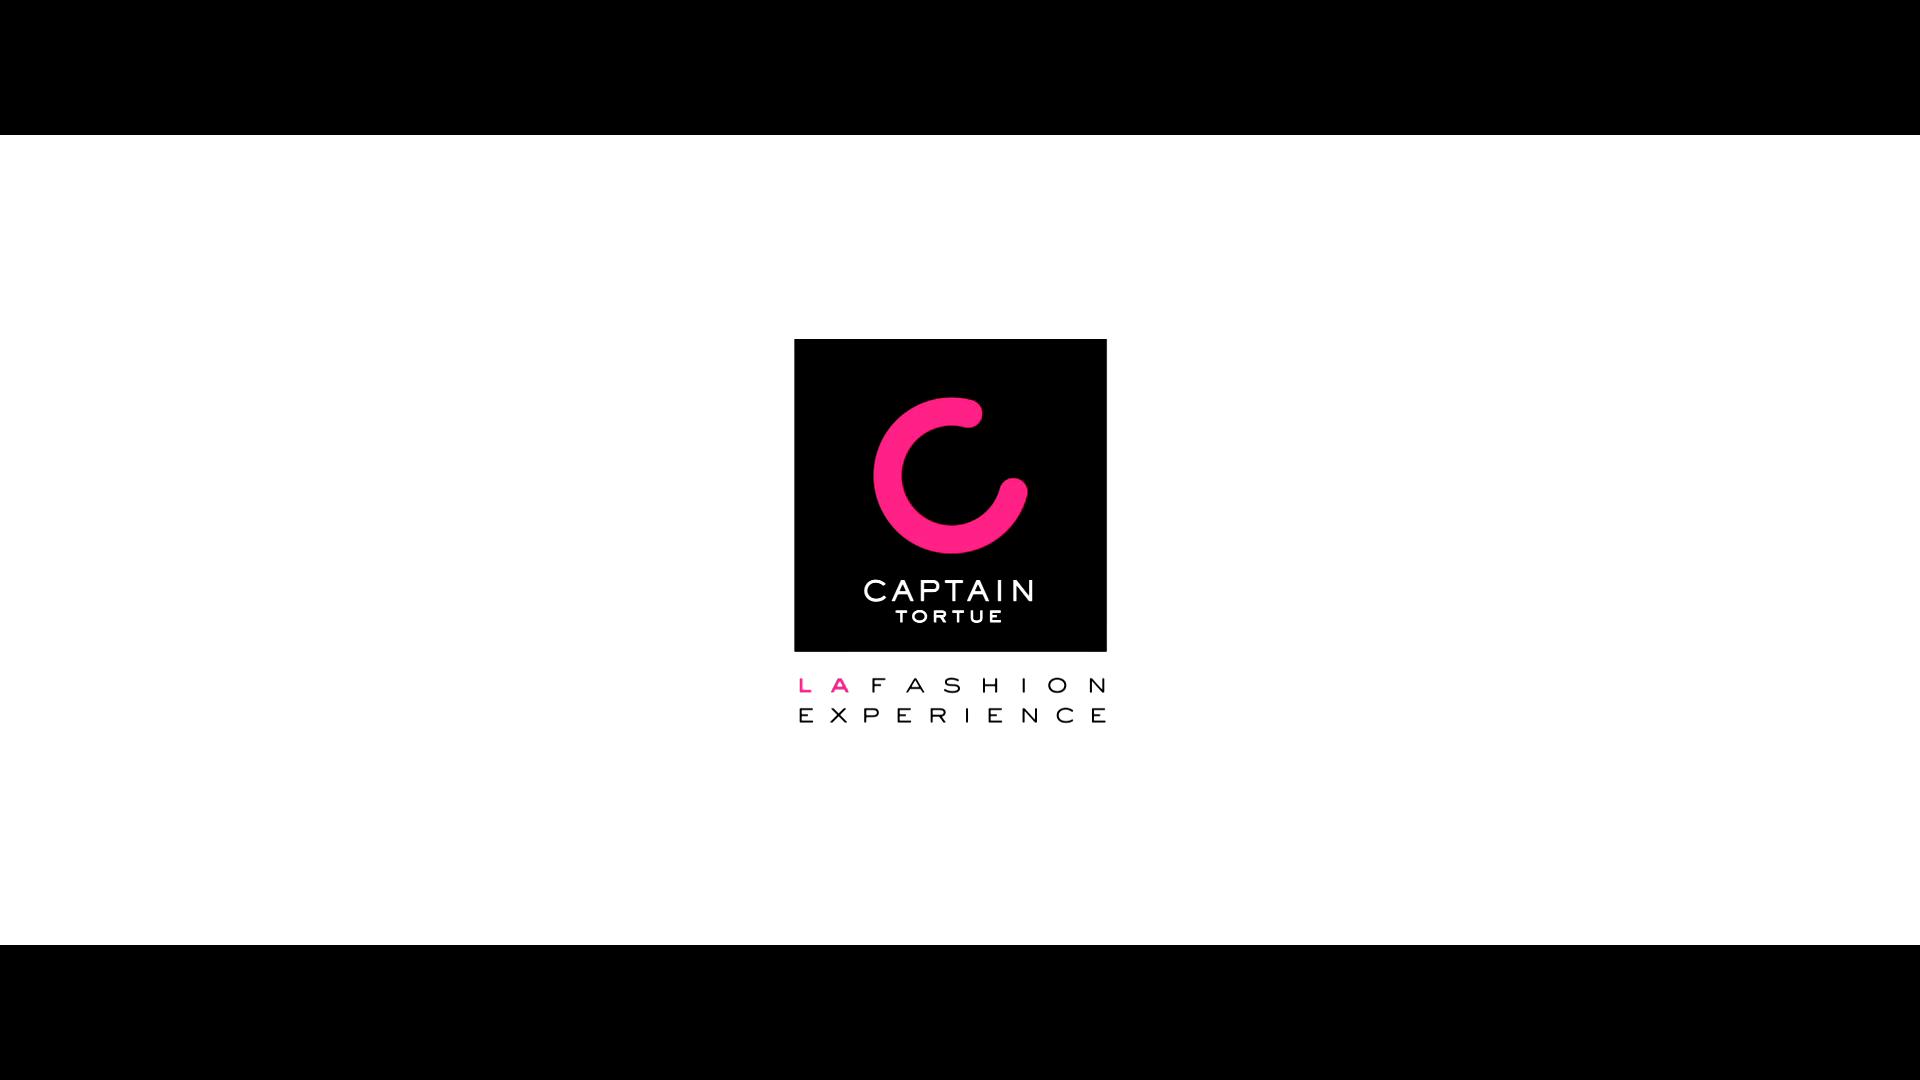 Film Captain Tortue, l'histoire d'une collection